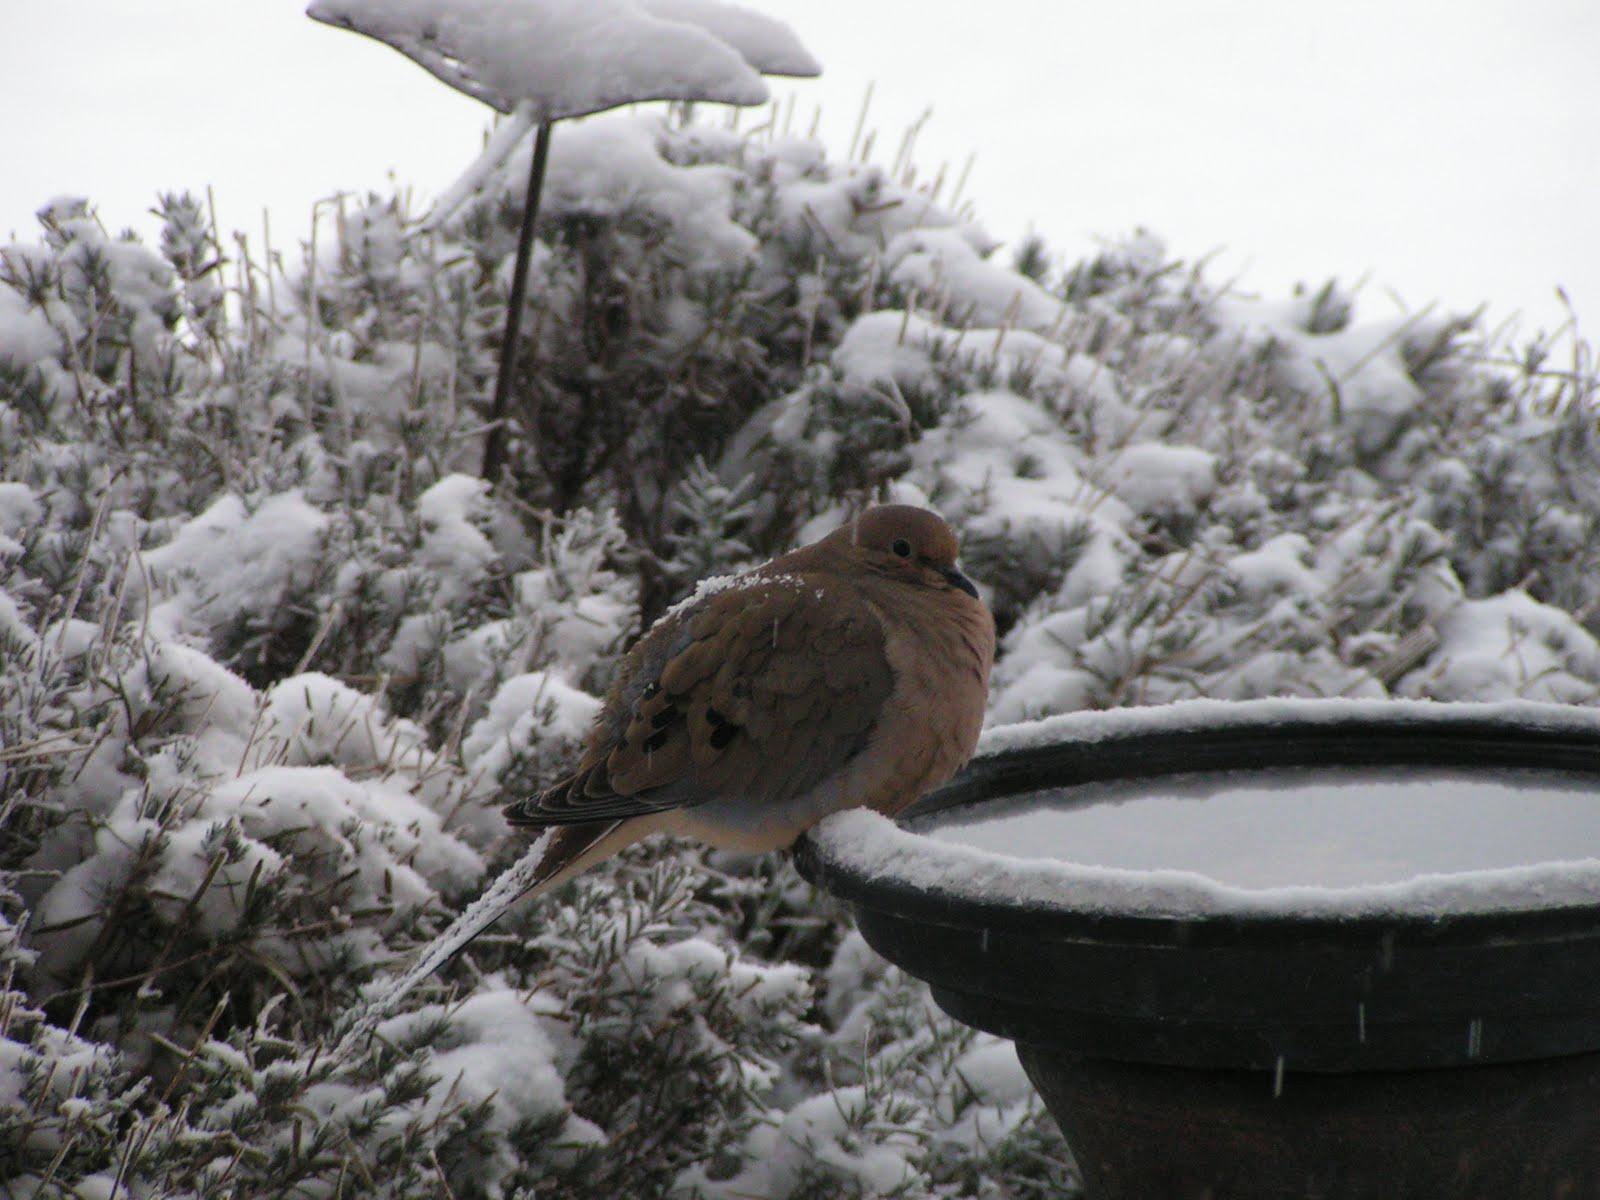 Birding Is Fun!: Idaho Camera Birding Photo Competition